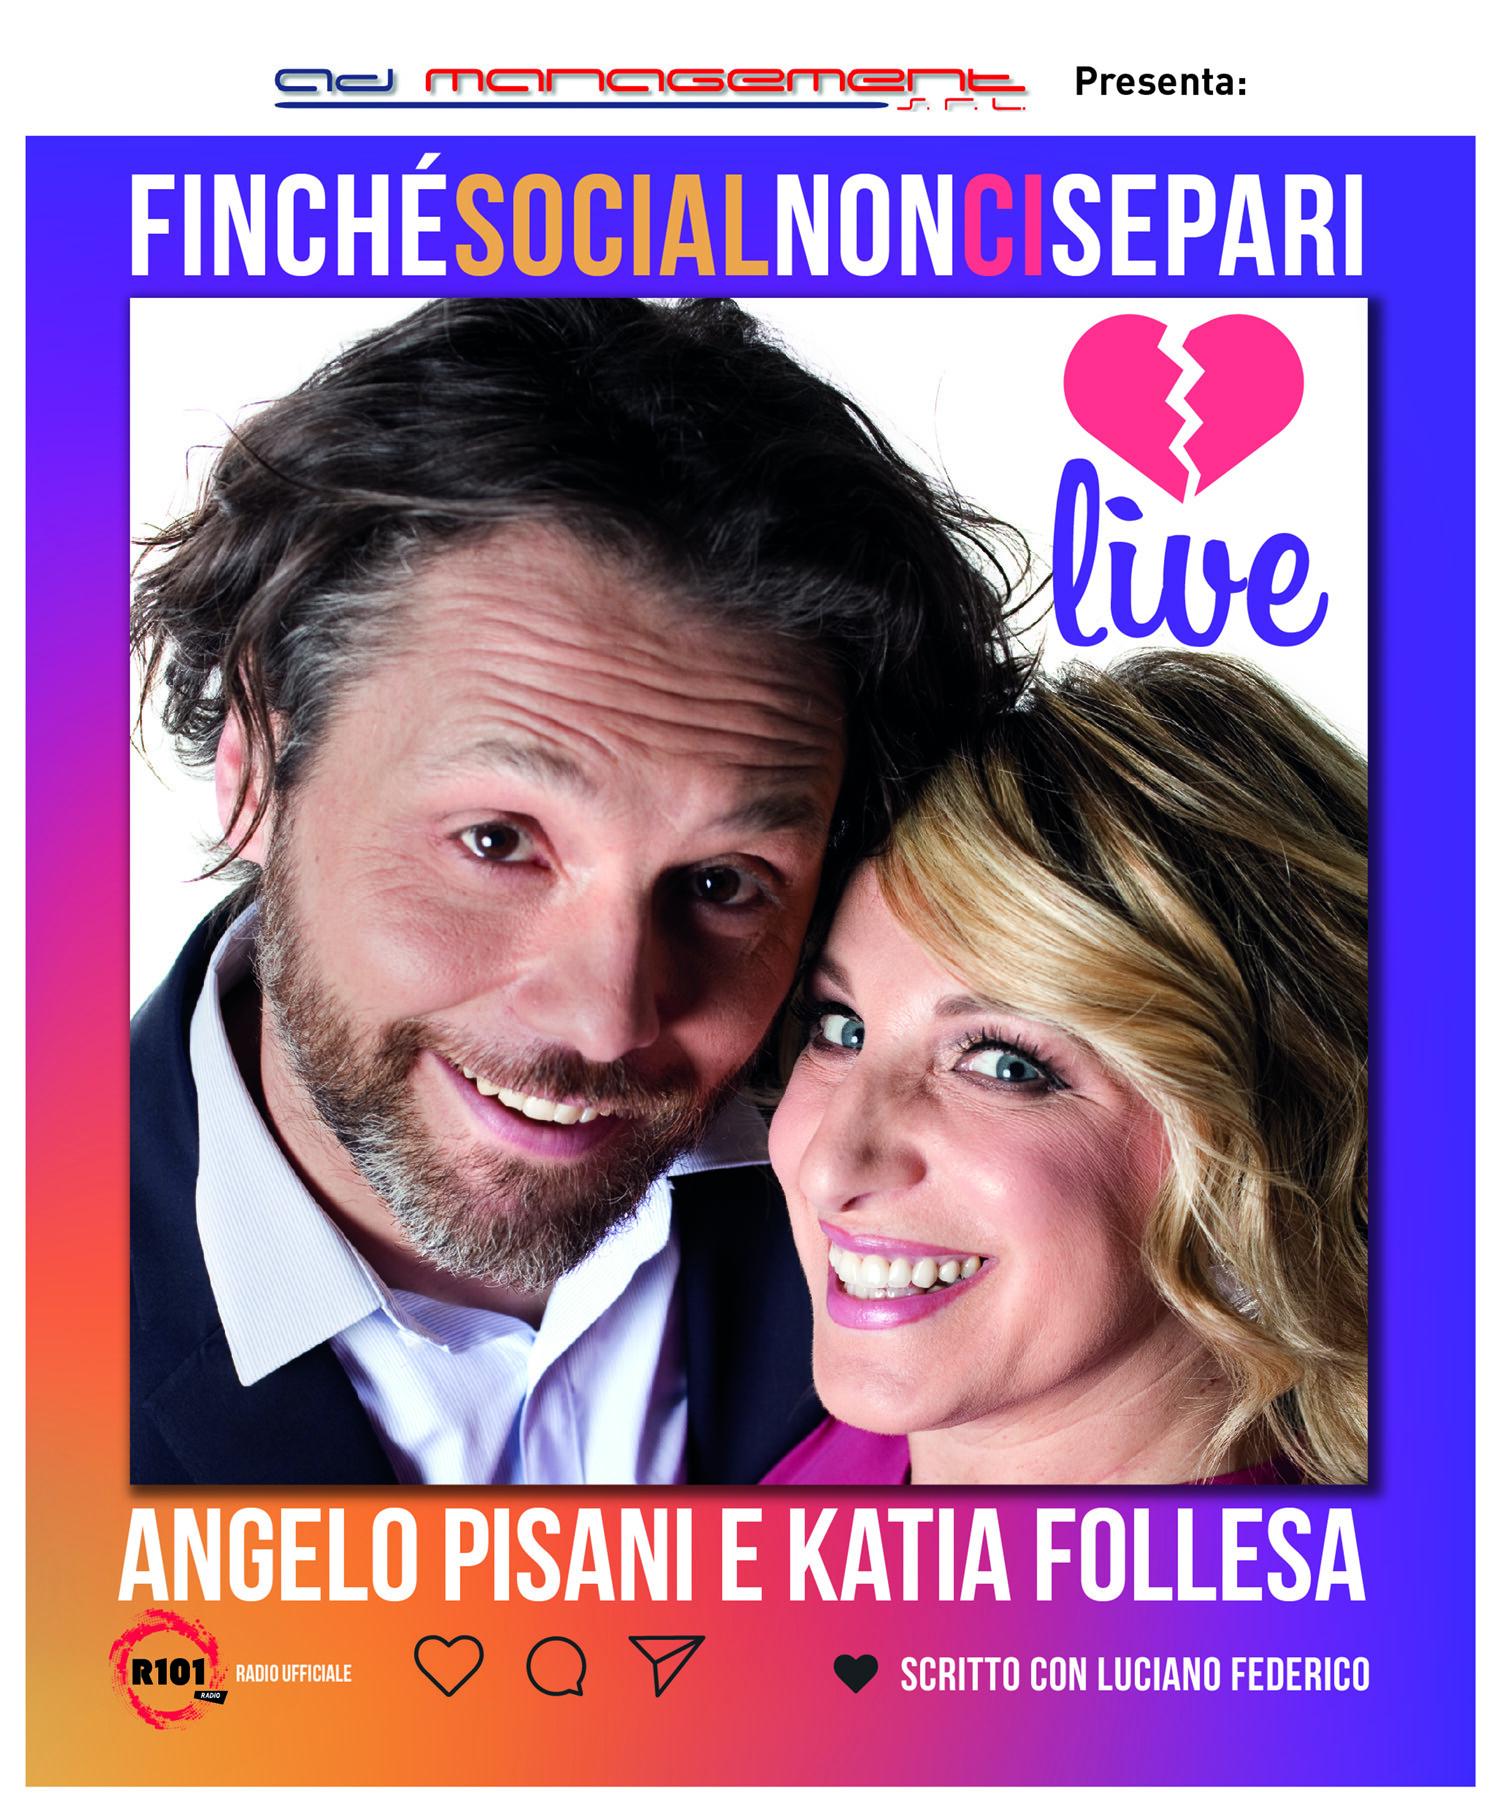 Angelo Pisani e Katia Follesa  Finché social non ci separi al Teatro Nuovo di Salsomaggiore